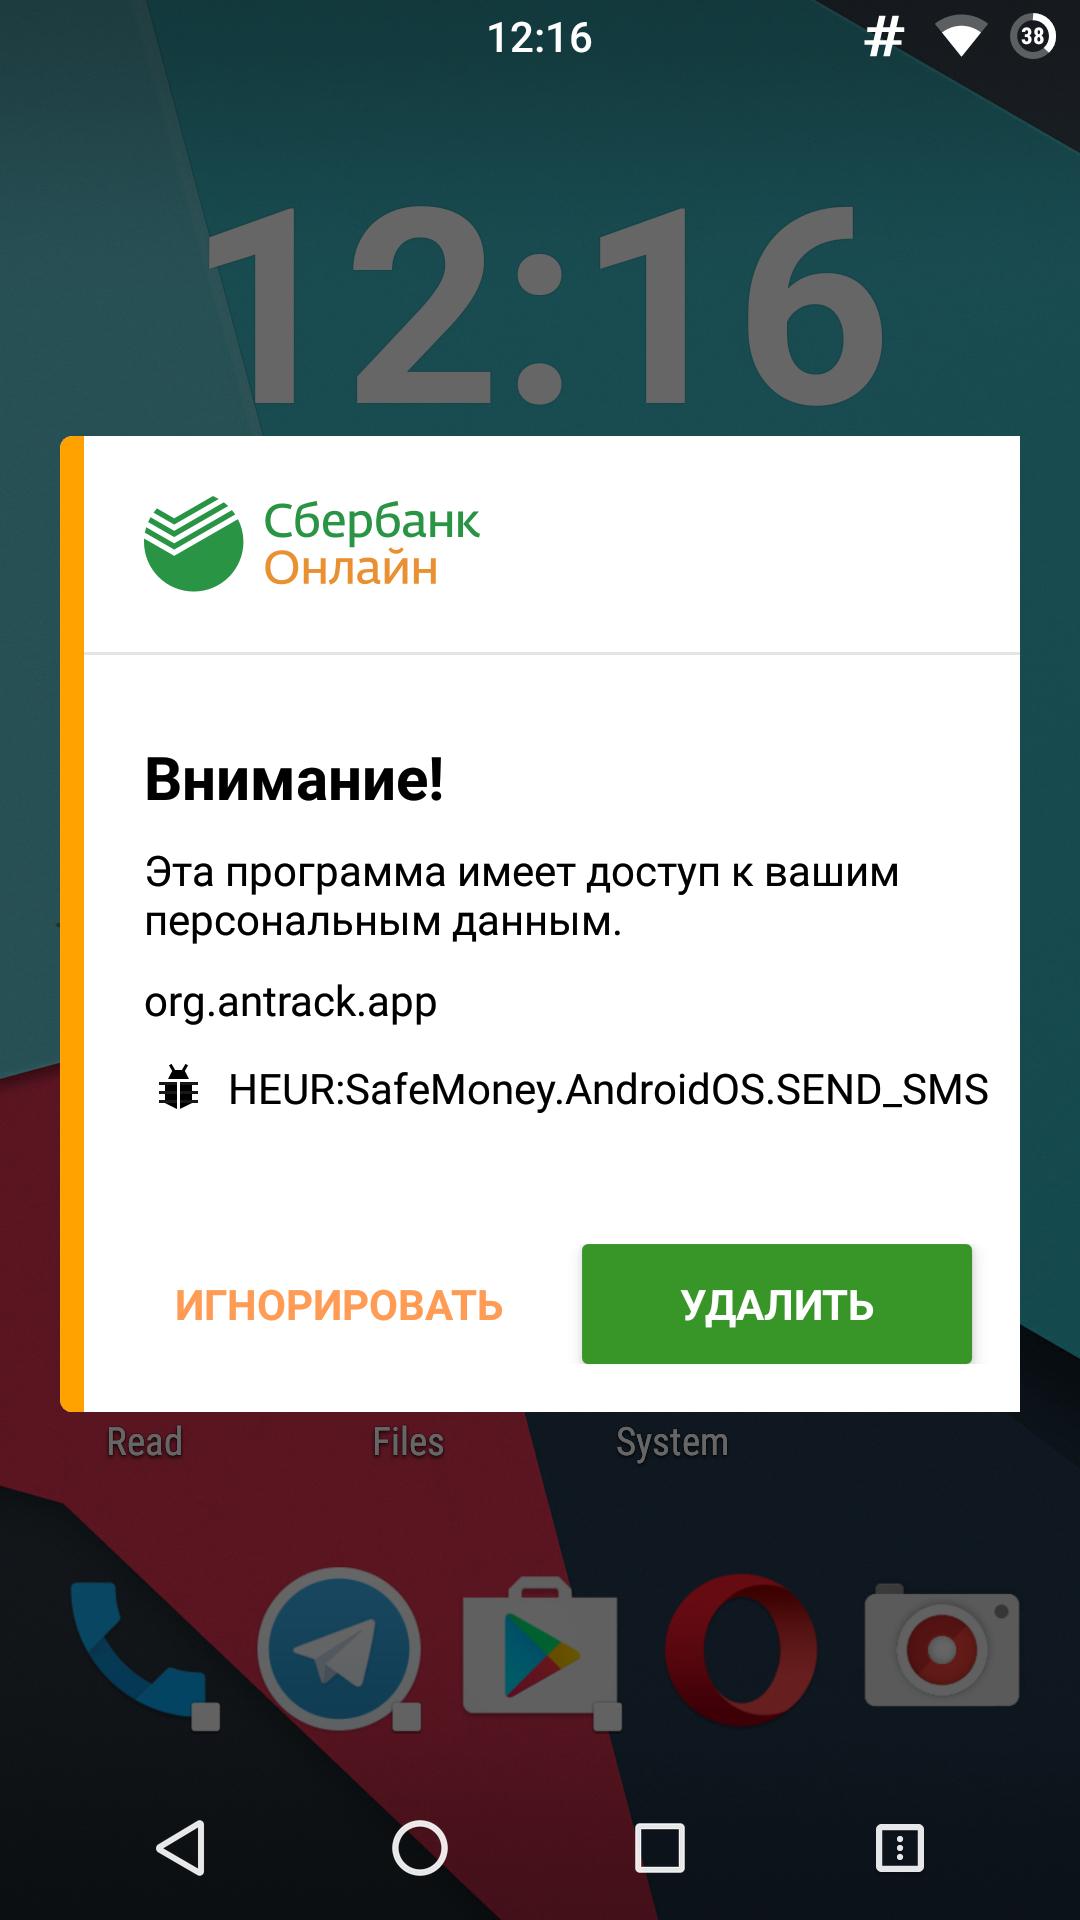 К слову, org.antrack.app вовсе не вирус, а вполне обычное приложение для удаленного управления смартфоном